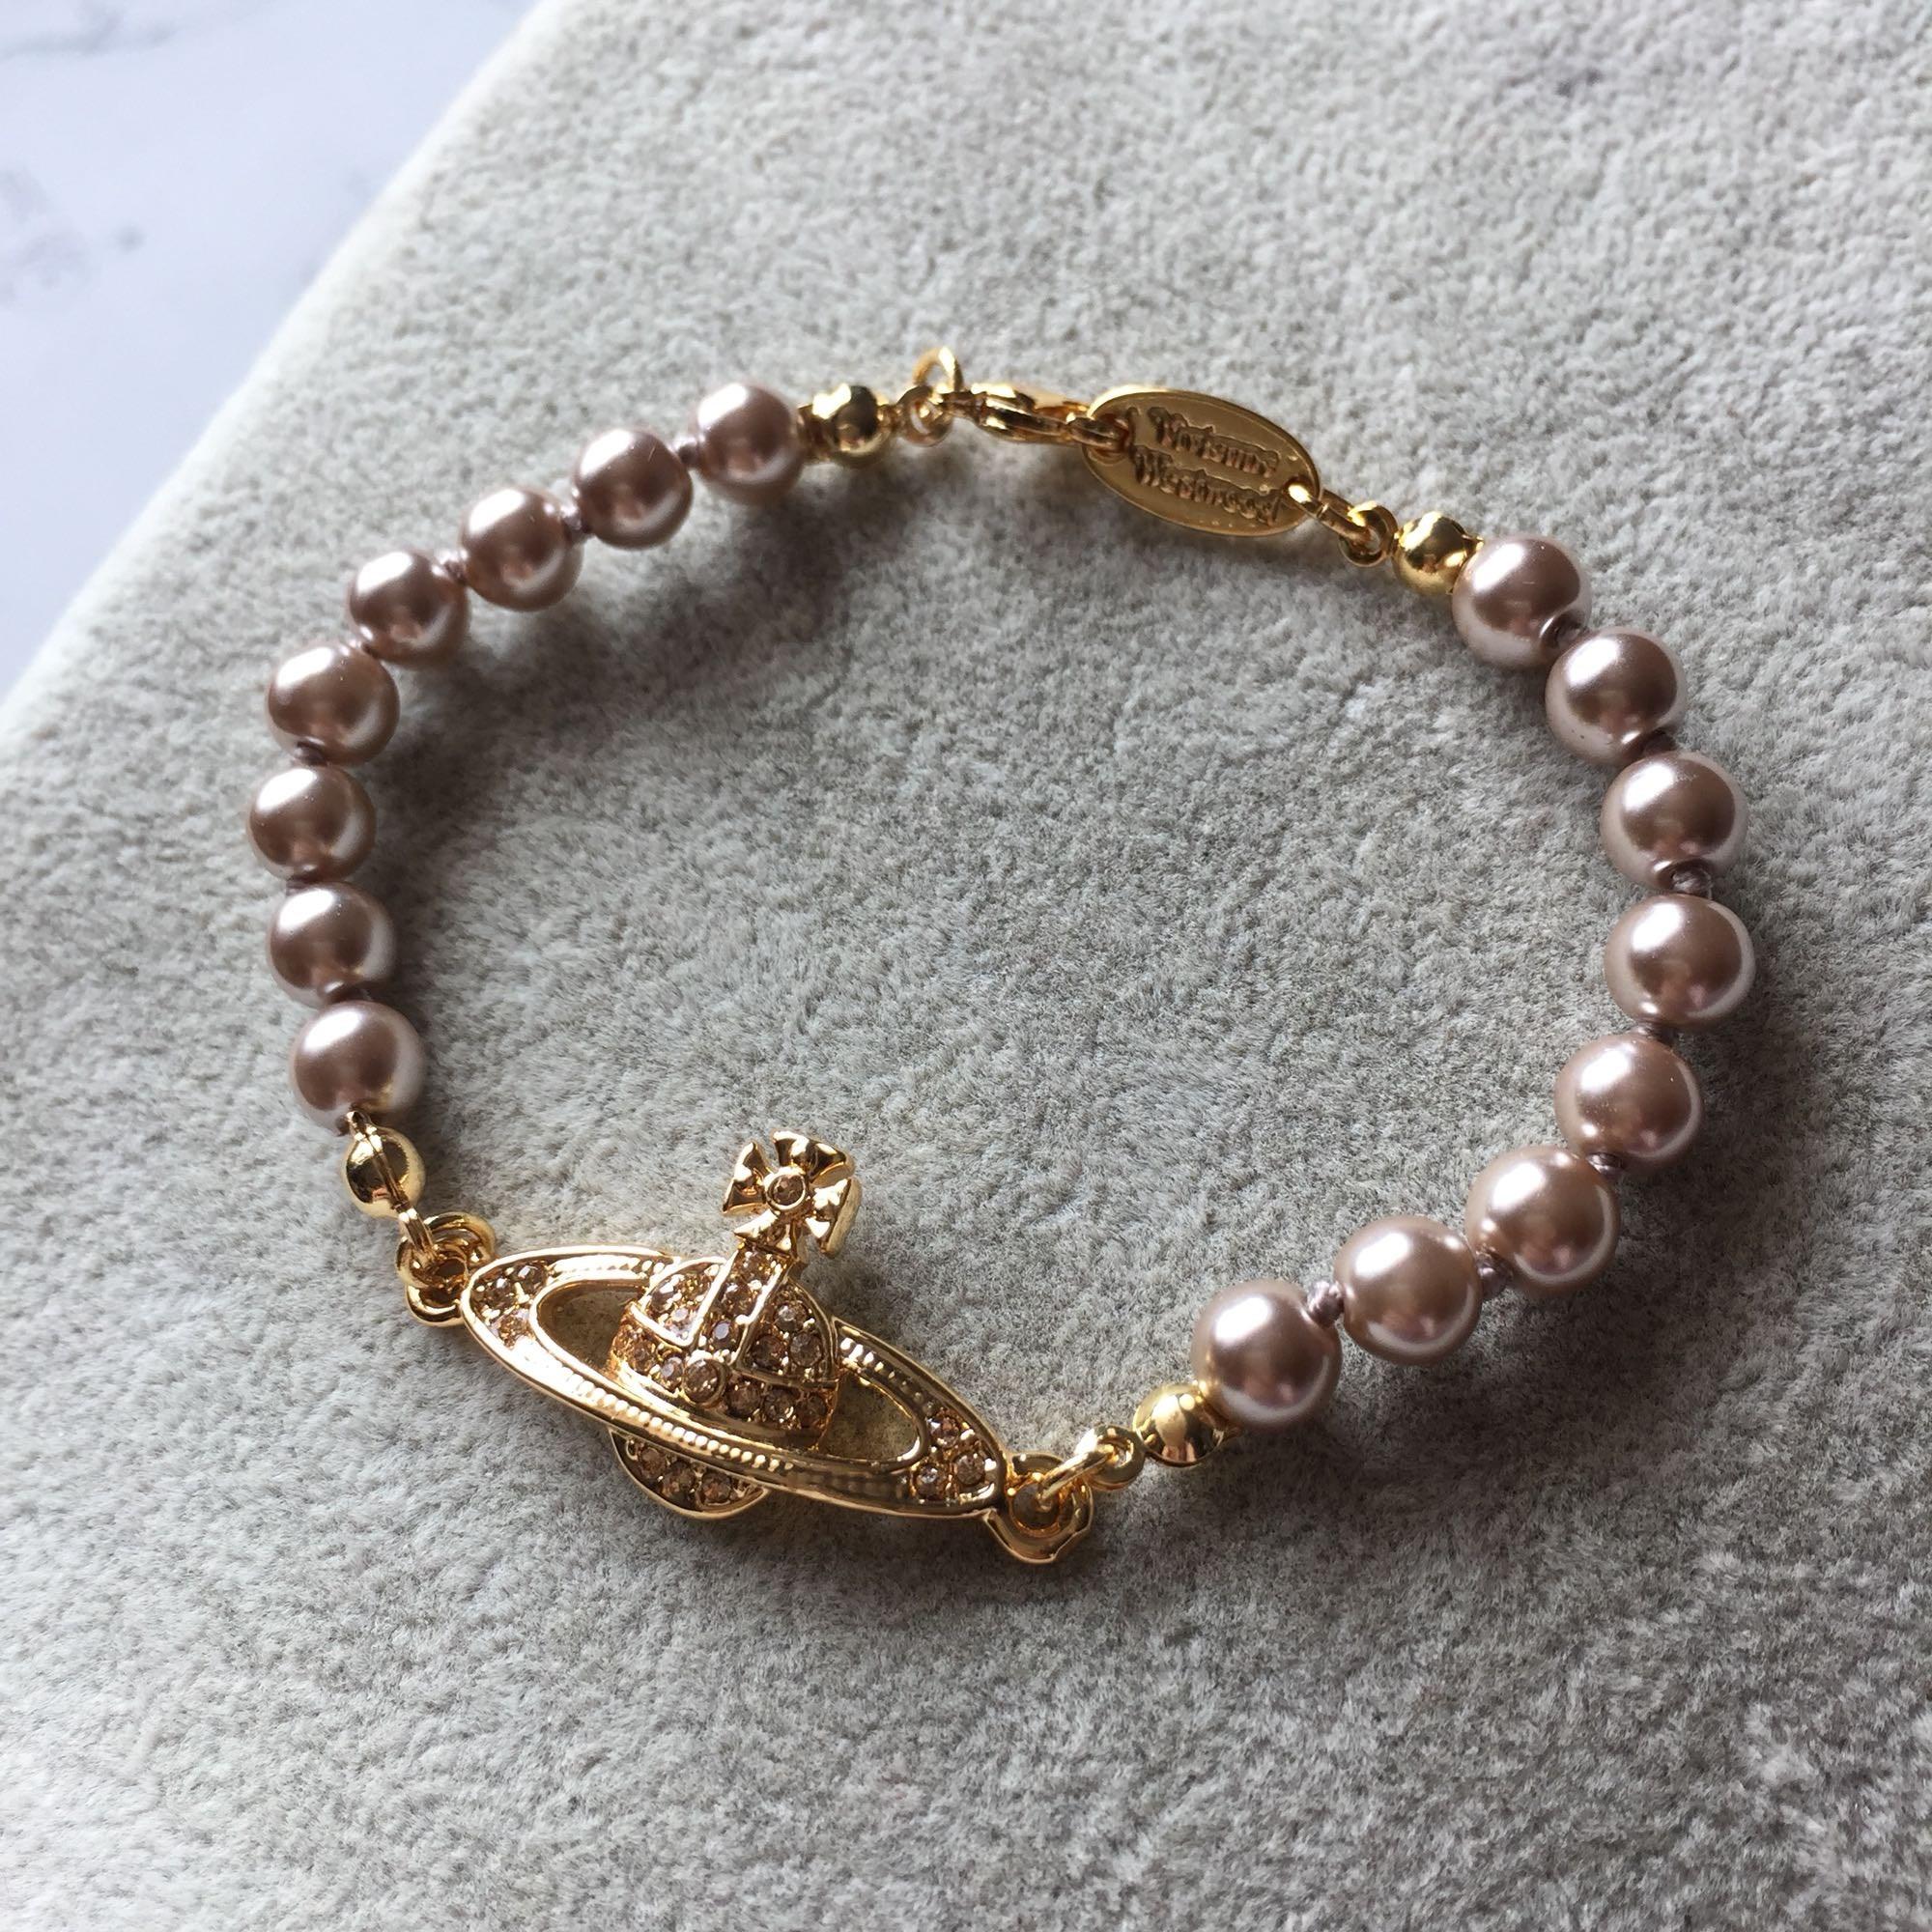 欧美饰品 首饰 新款金色满钻小土星烟褐色珍珠手链 s003包邮